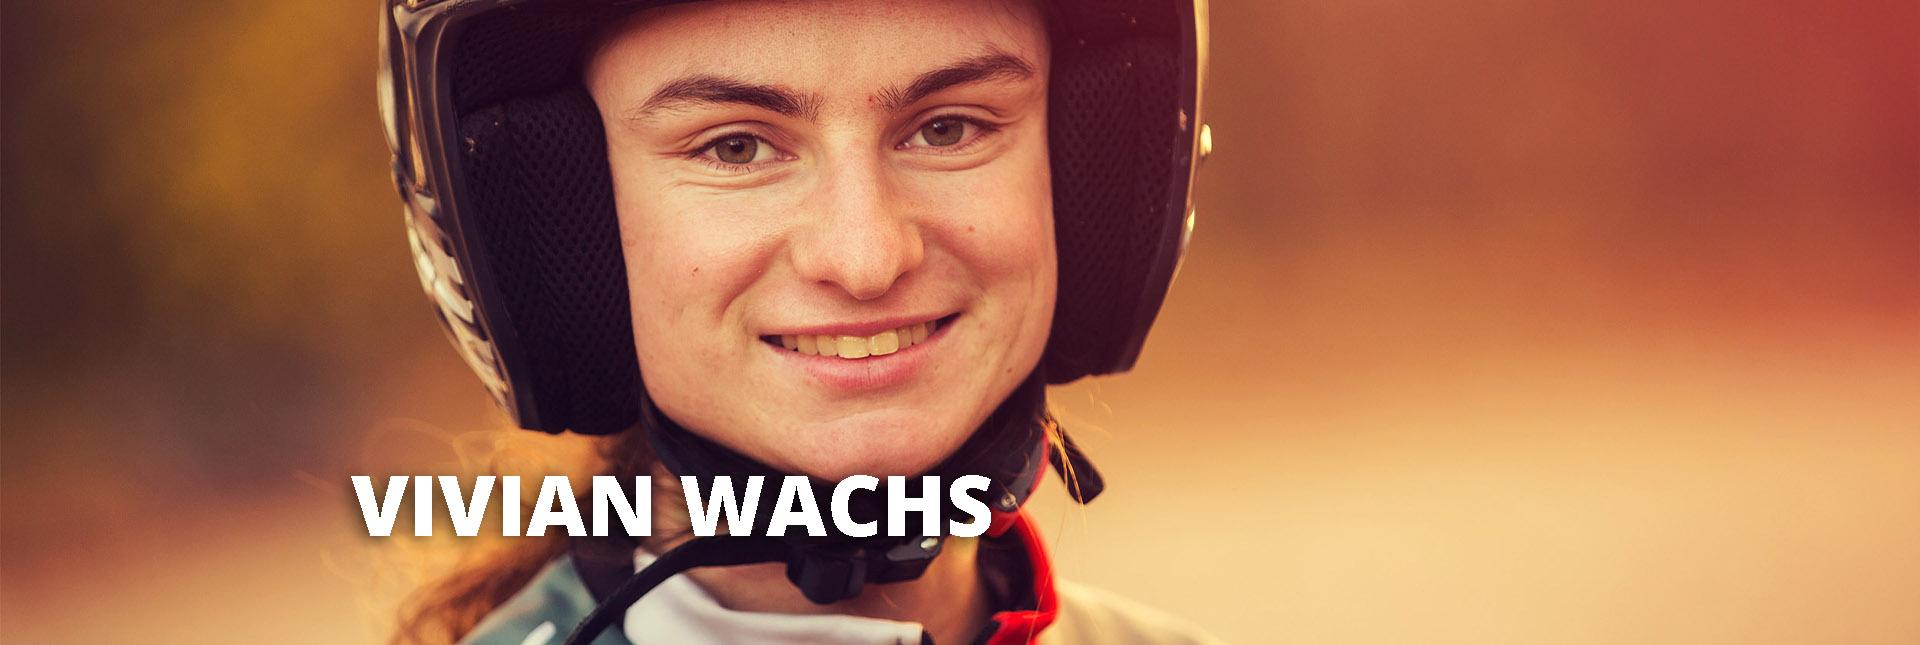 Vivian Wachs